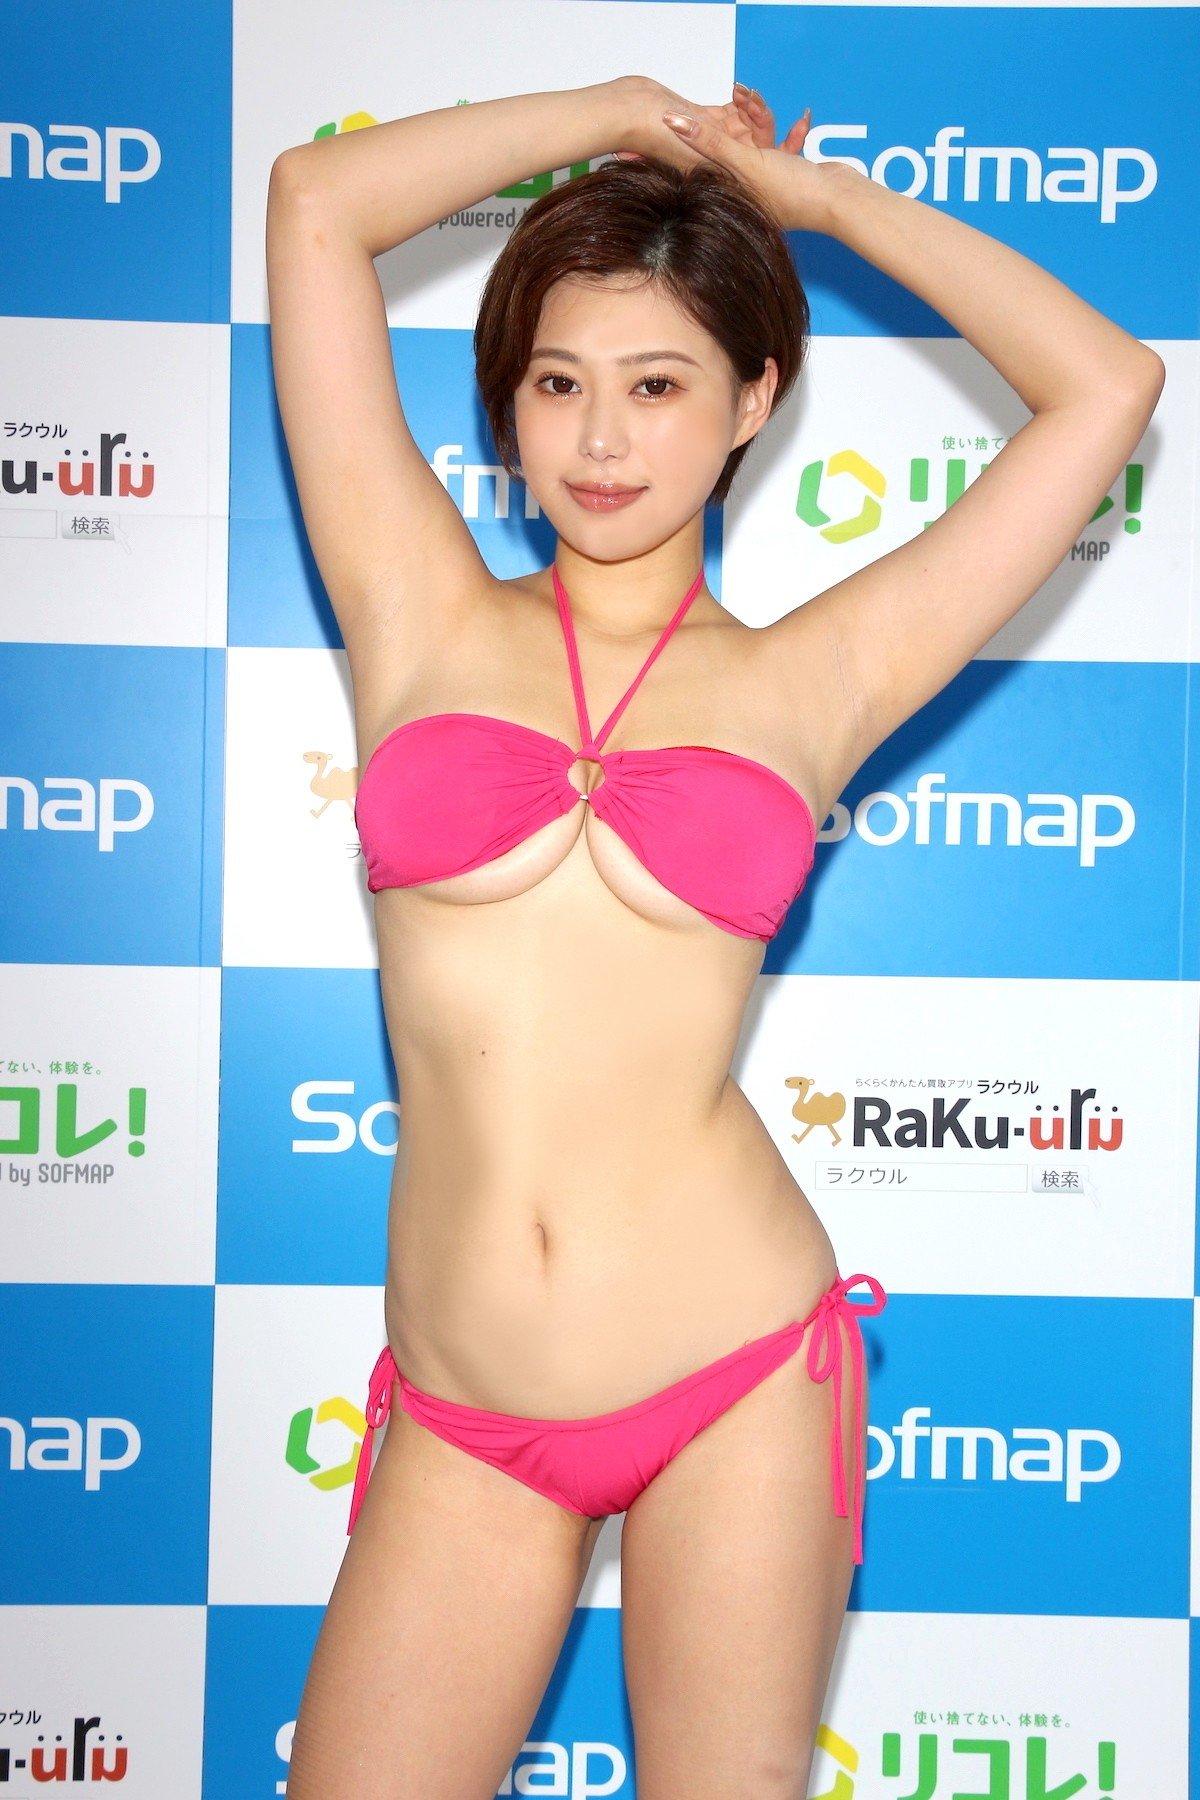 山本ゆう「裸エプロンってワードだけで」本当に何も下に着てない【画像58枚】の画像022